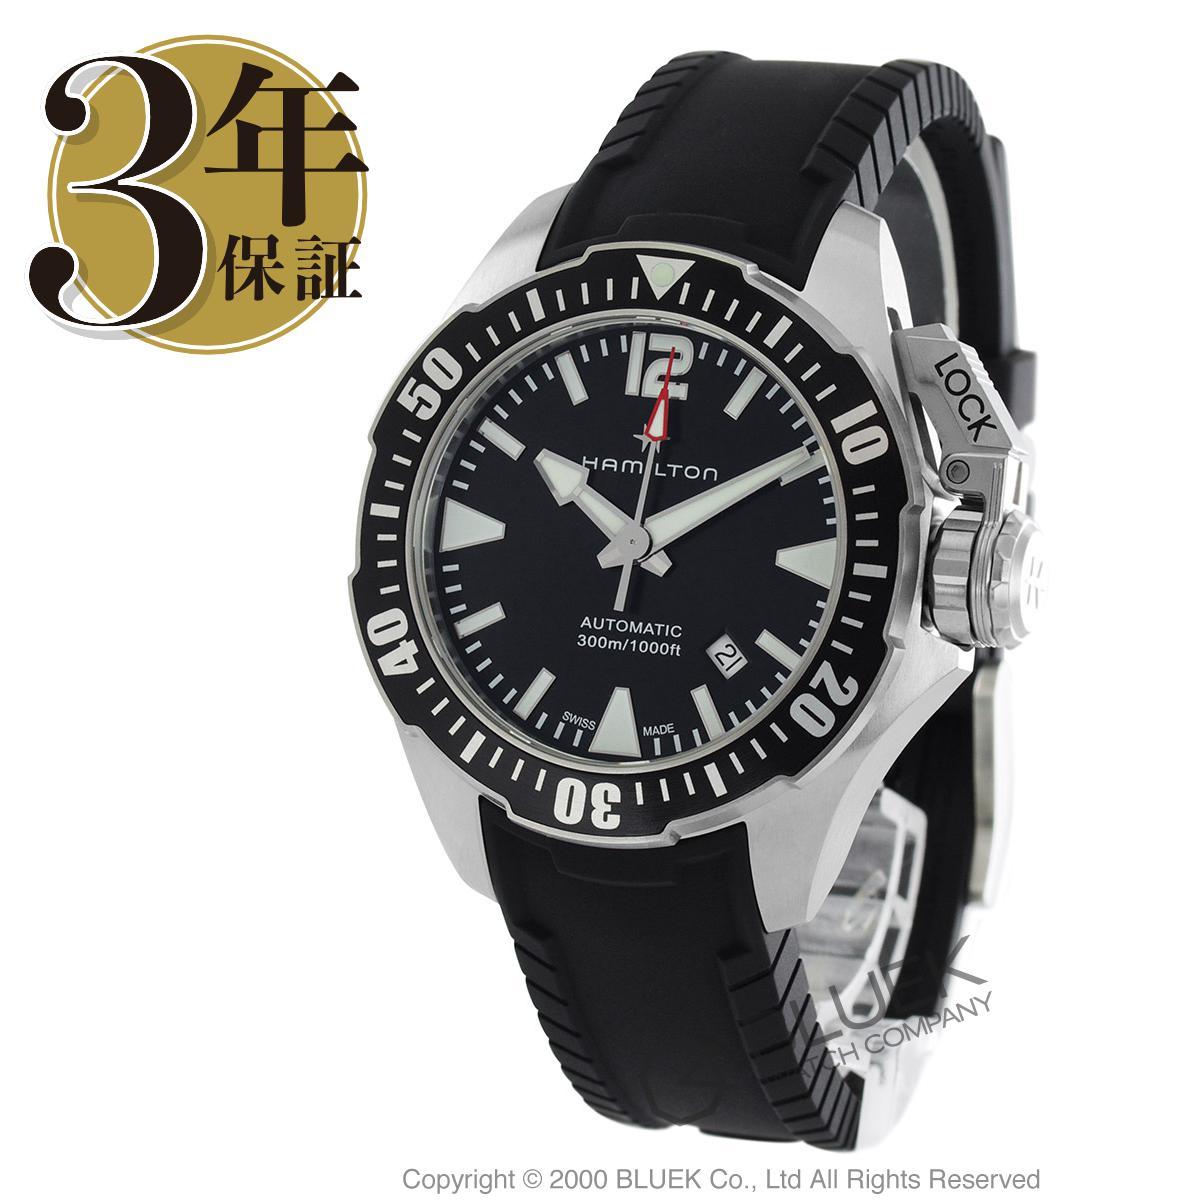 ハミルトン カーキ ネイビー オープンウォーター 300m防水 腕時計 メンズ HAMILTON H77605335_8